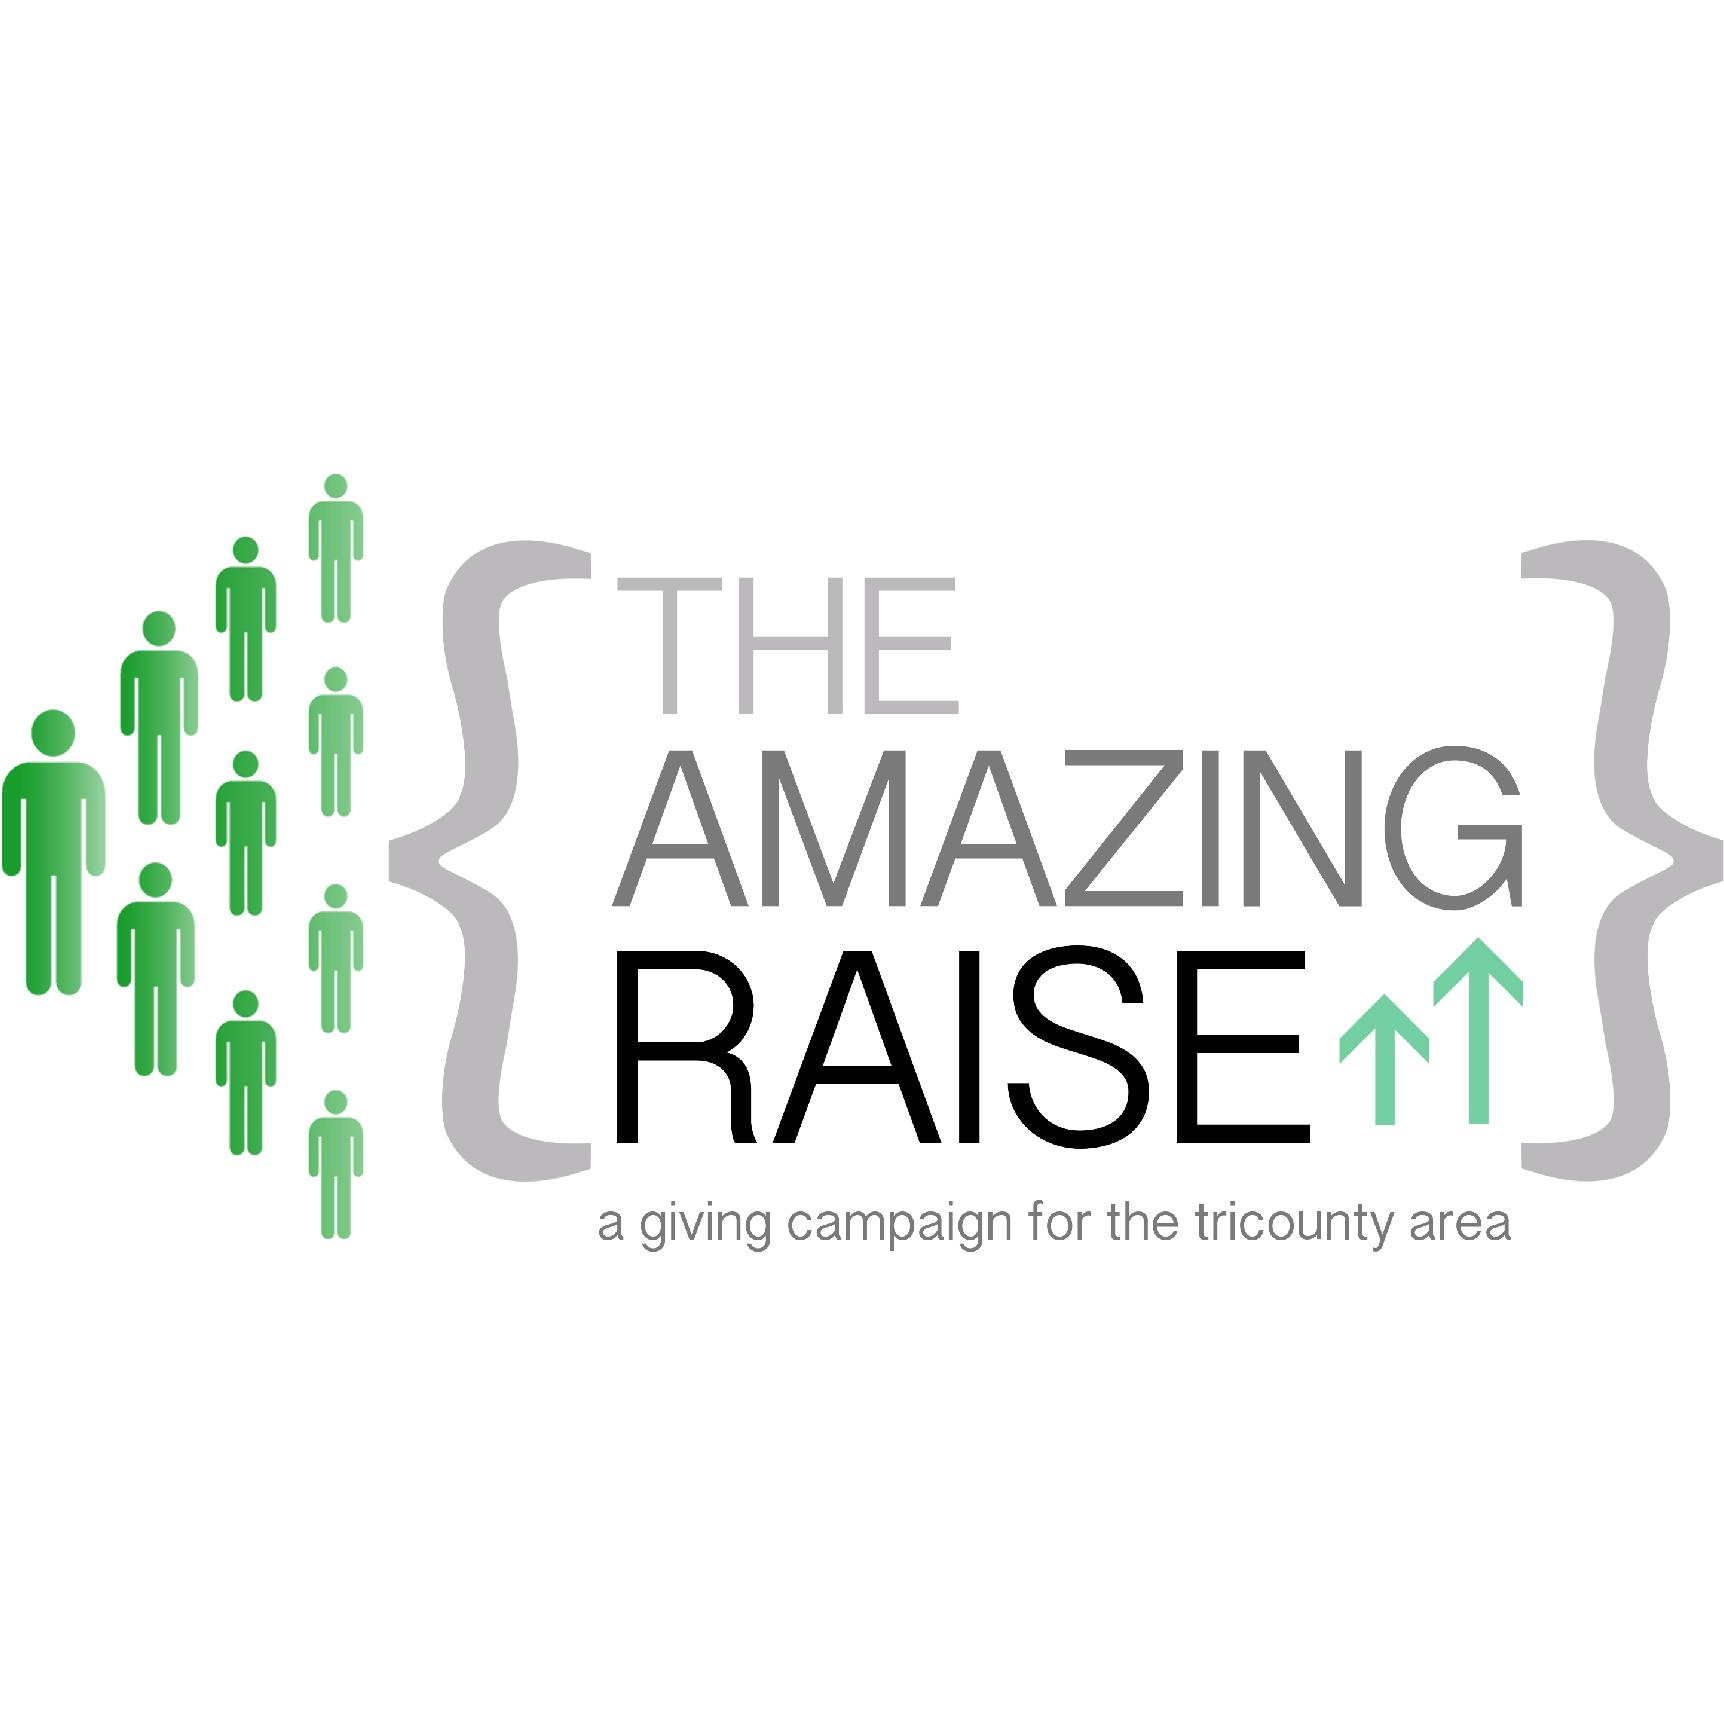 Amazing Raise